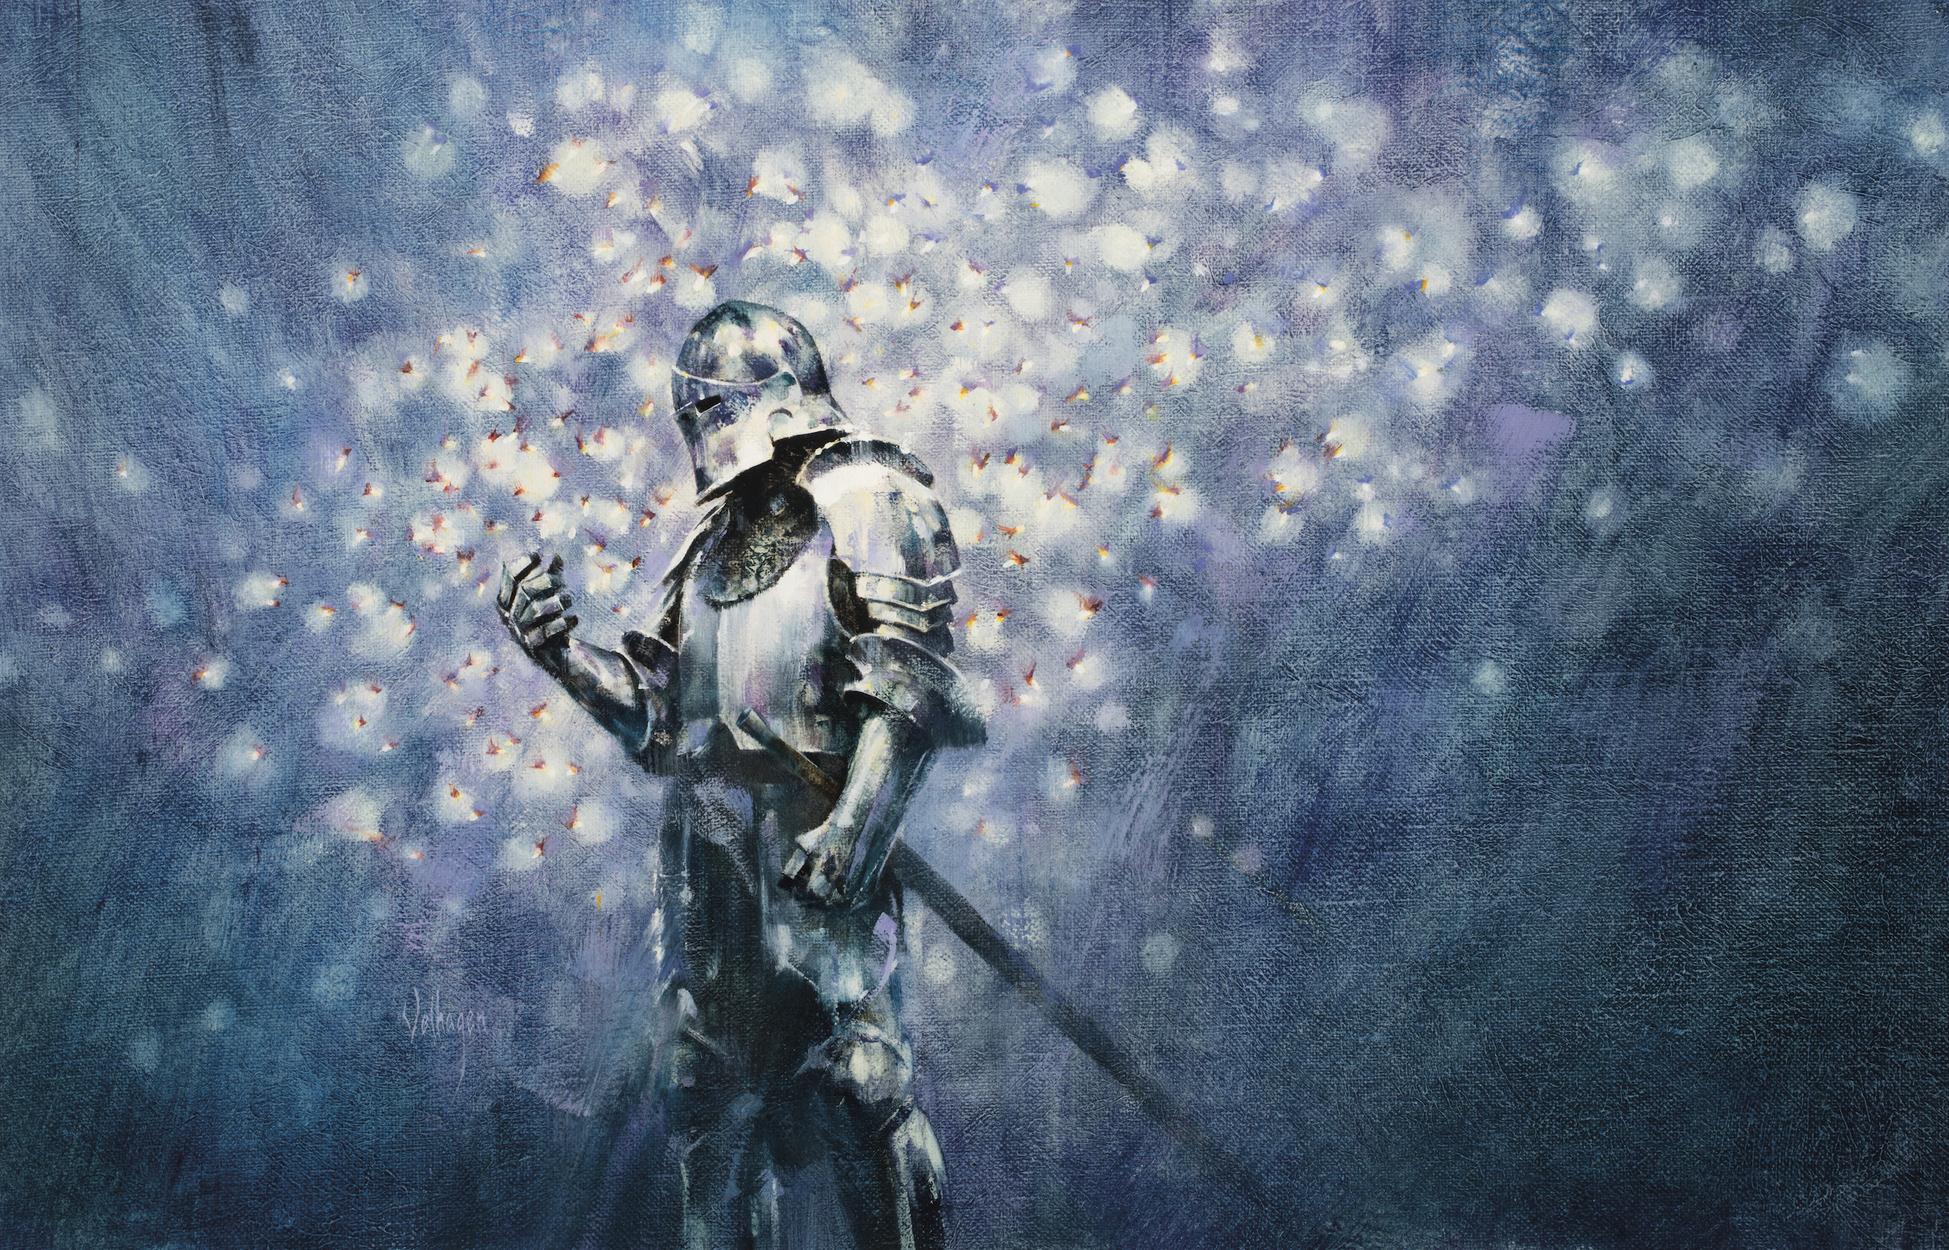 Knight Lights Artwork by Eric Velhagen